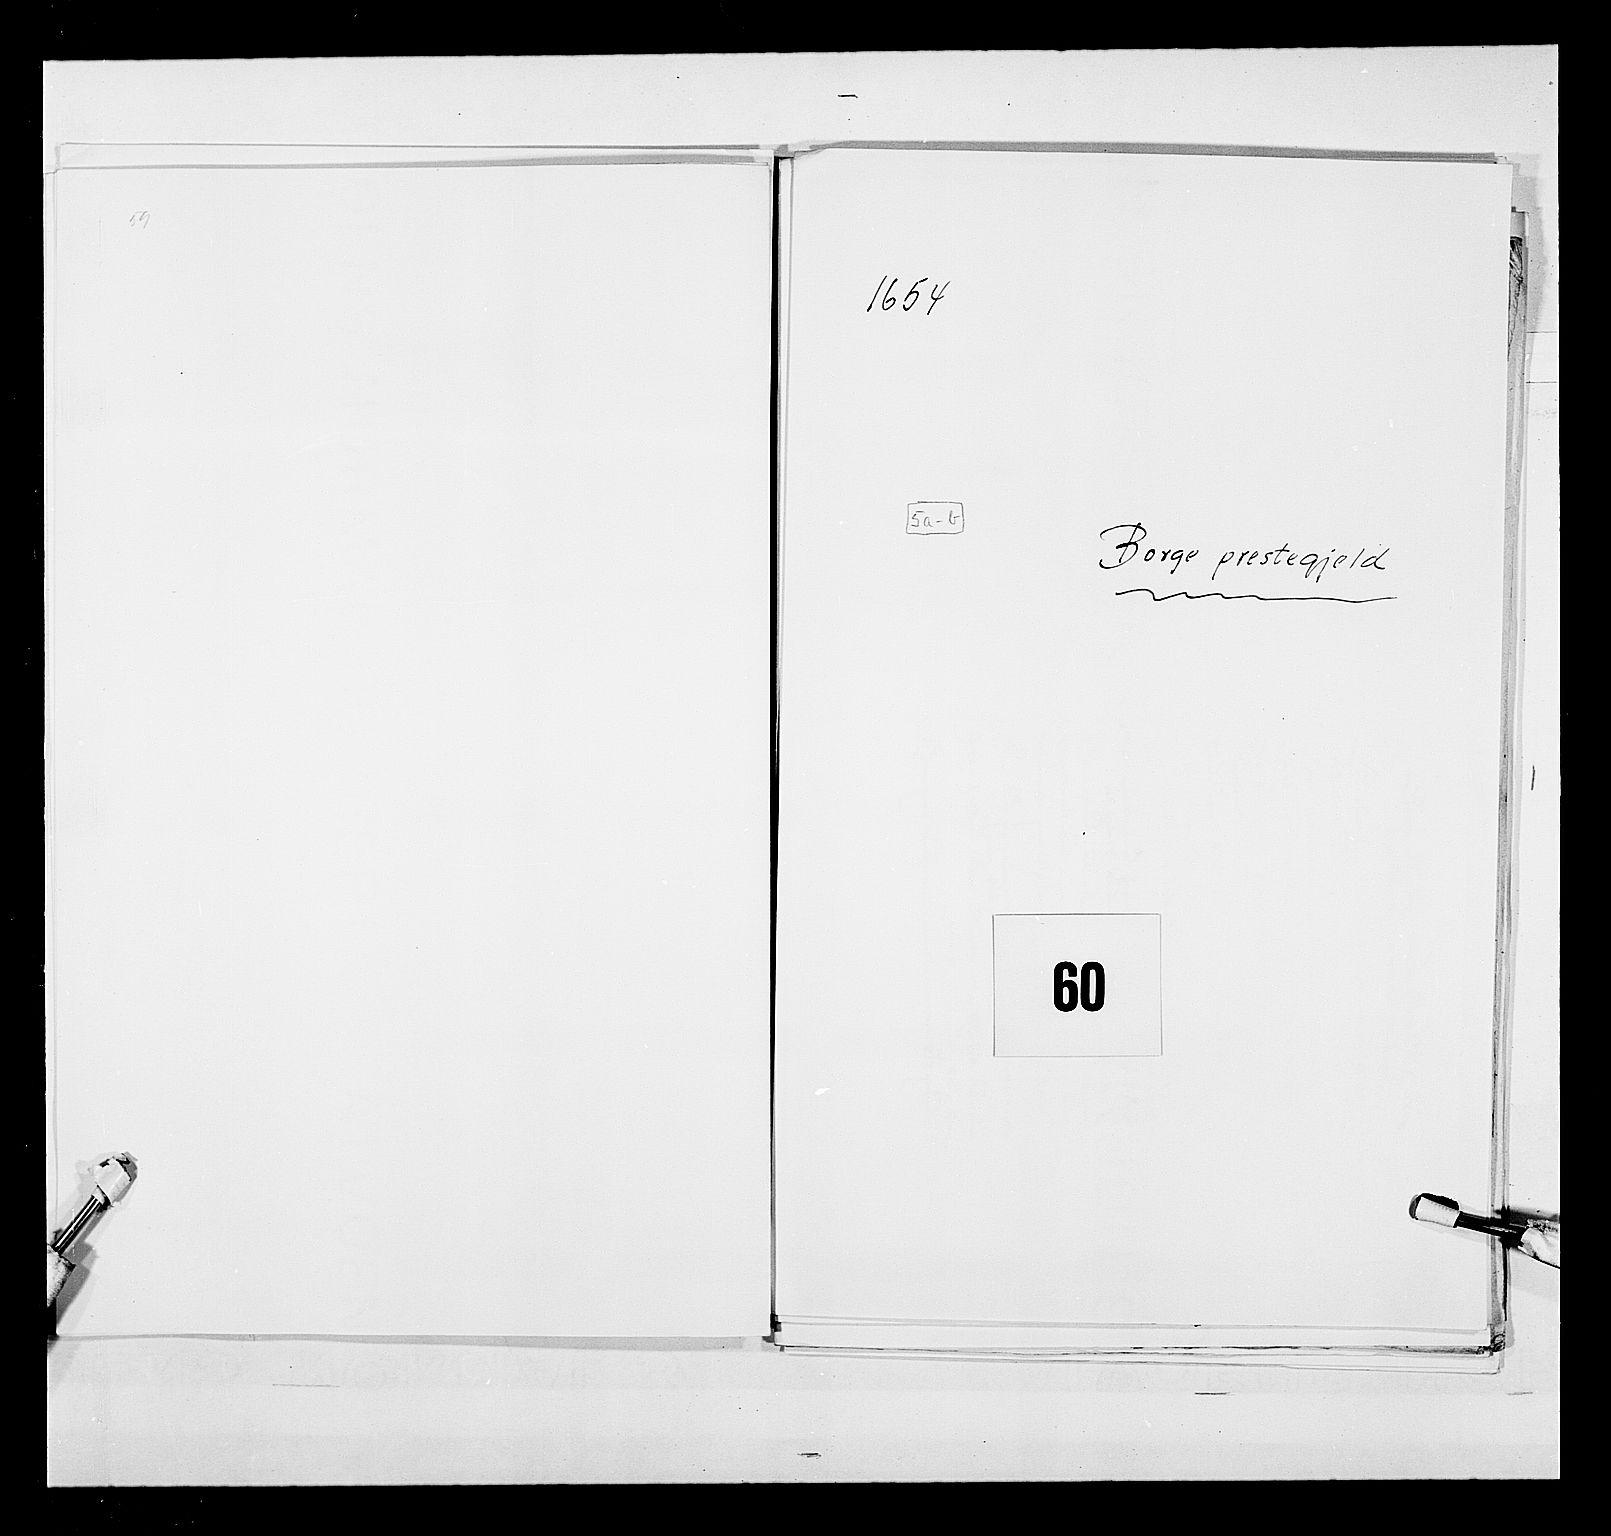 RA, Stattholderembetet 1572-1771, Ek/L0030: Jordebøker 1633-1658:, 1654, s. 278